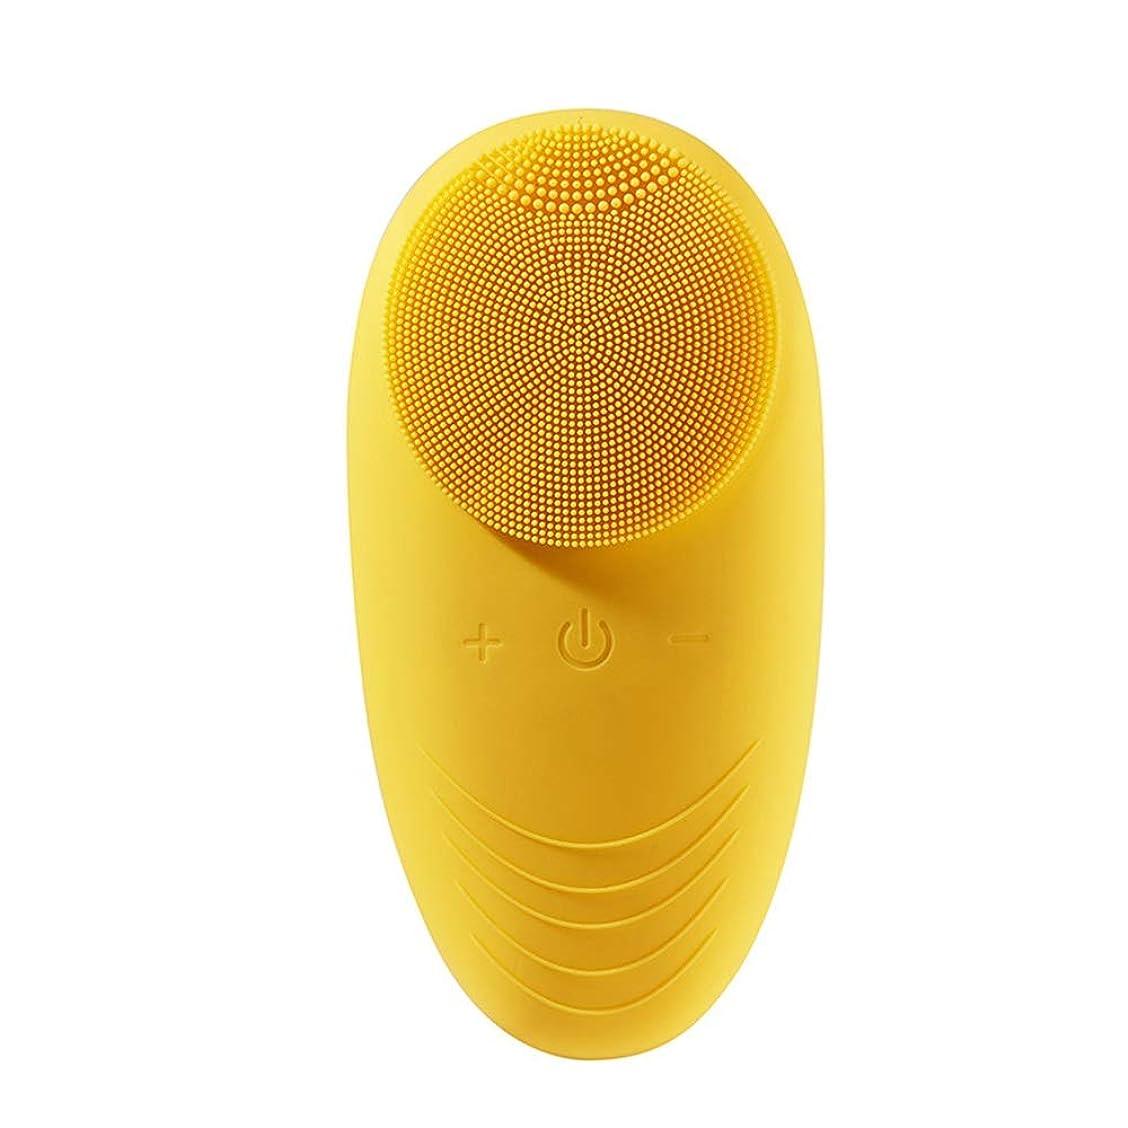 見捨てるデッド性的ZXF 電気シリコーン防水クレンジングブラシディープクリーニングポア超音波振動クレンジング器具美容器具 滑らかである (色 : Yellow)